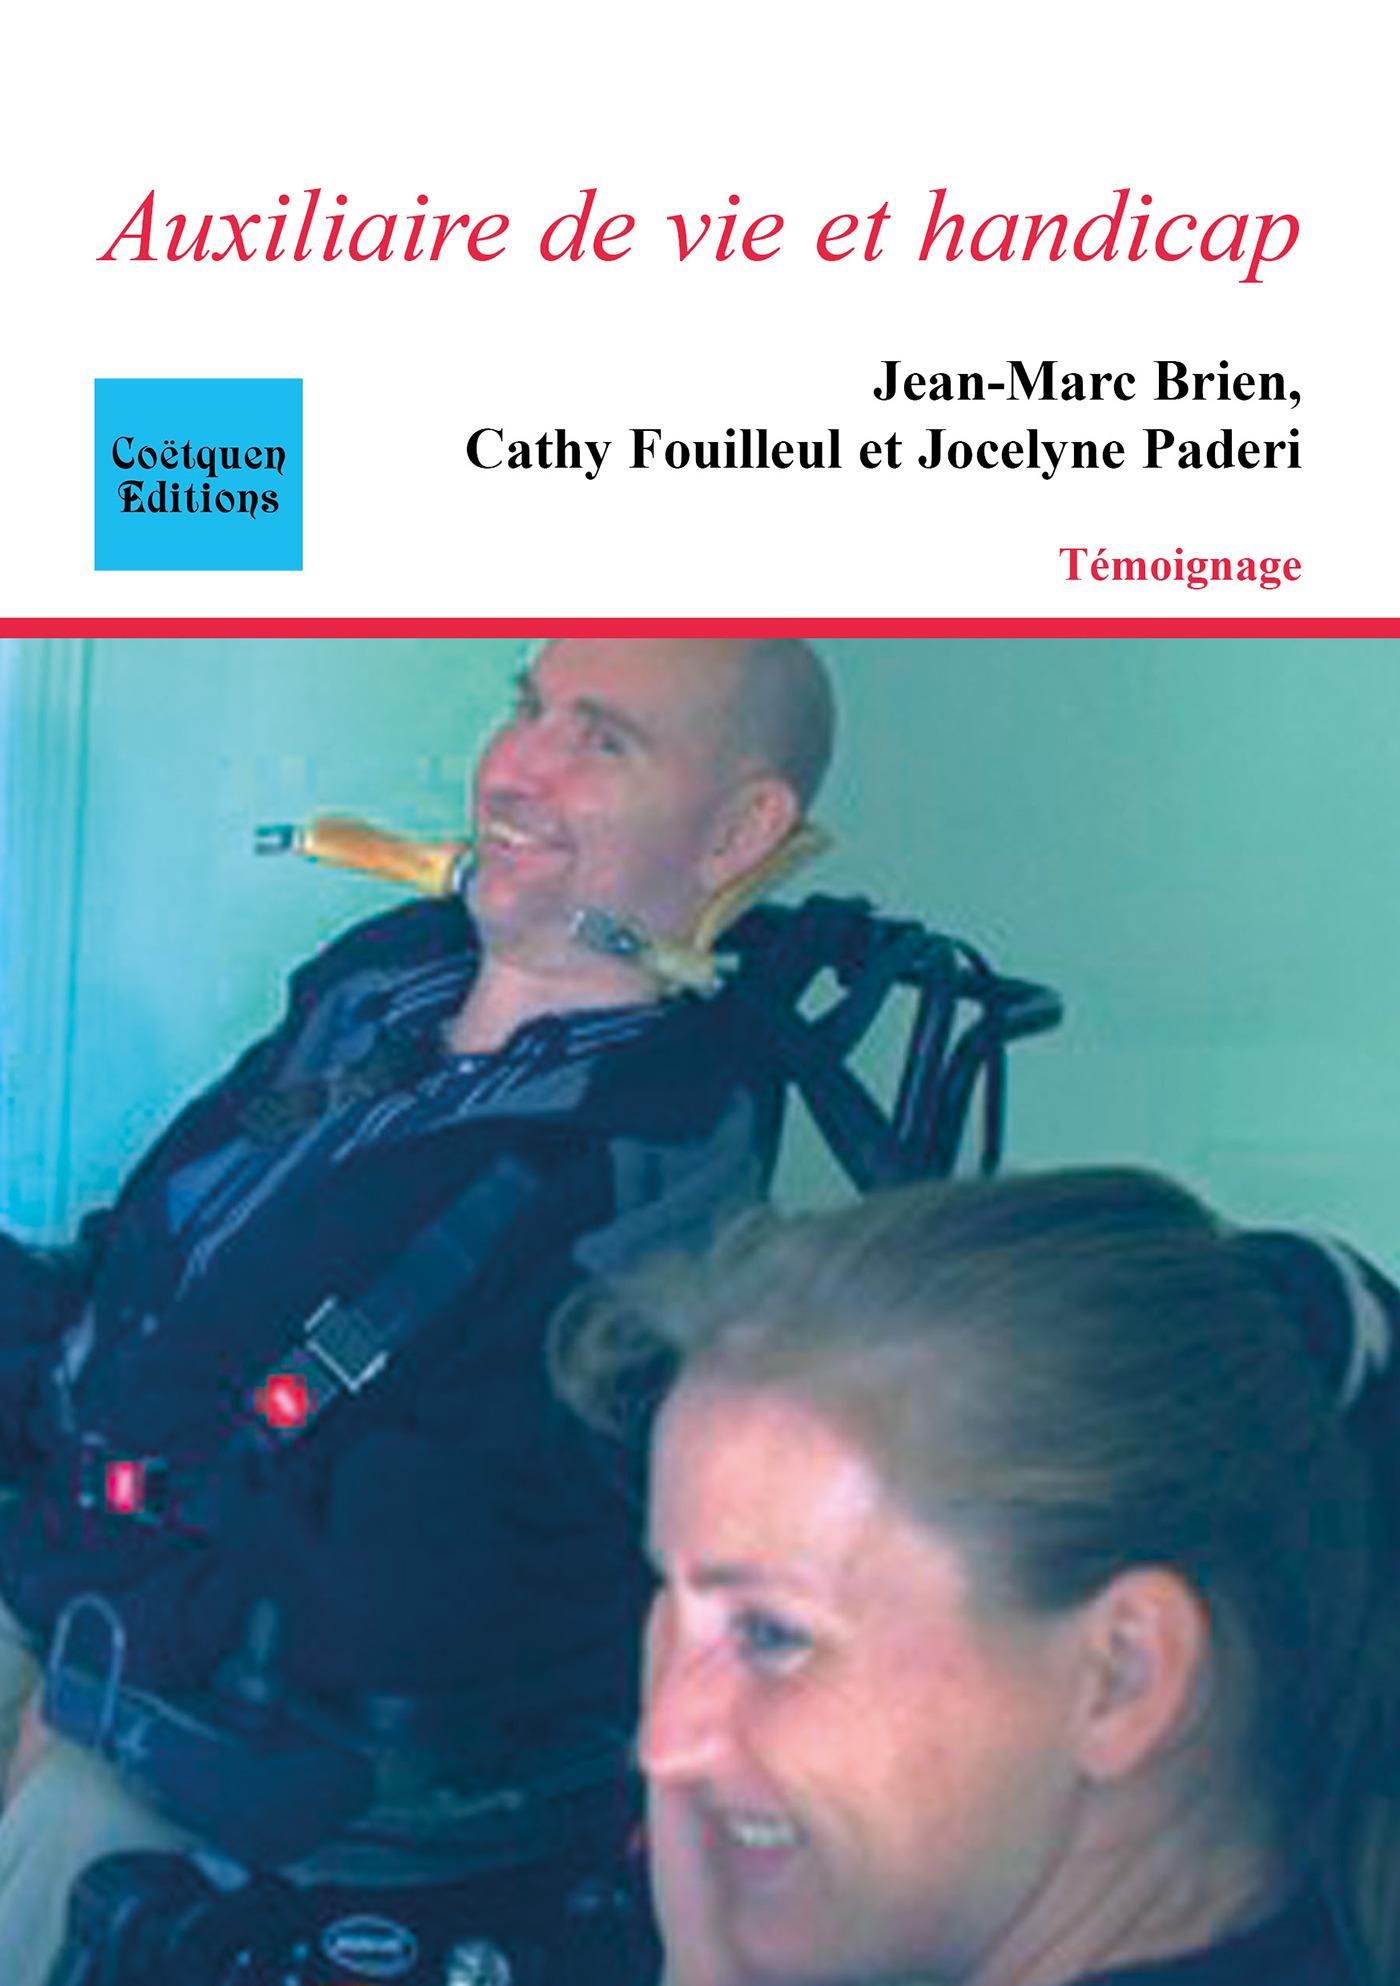 Auxiliaire de vie et handicap